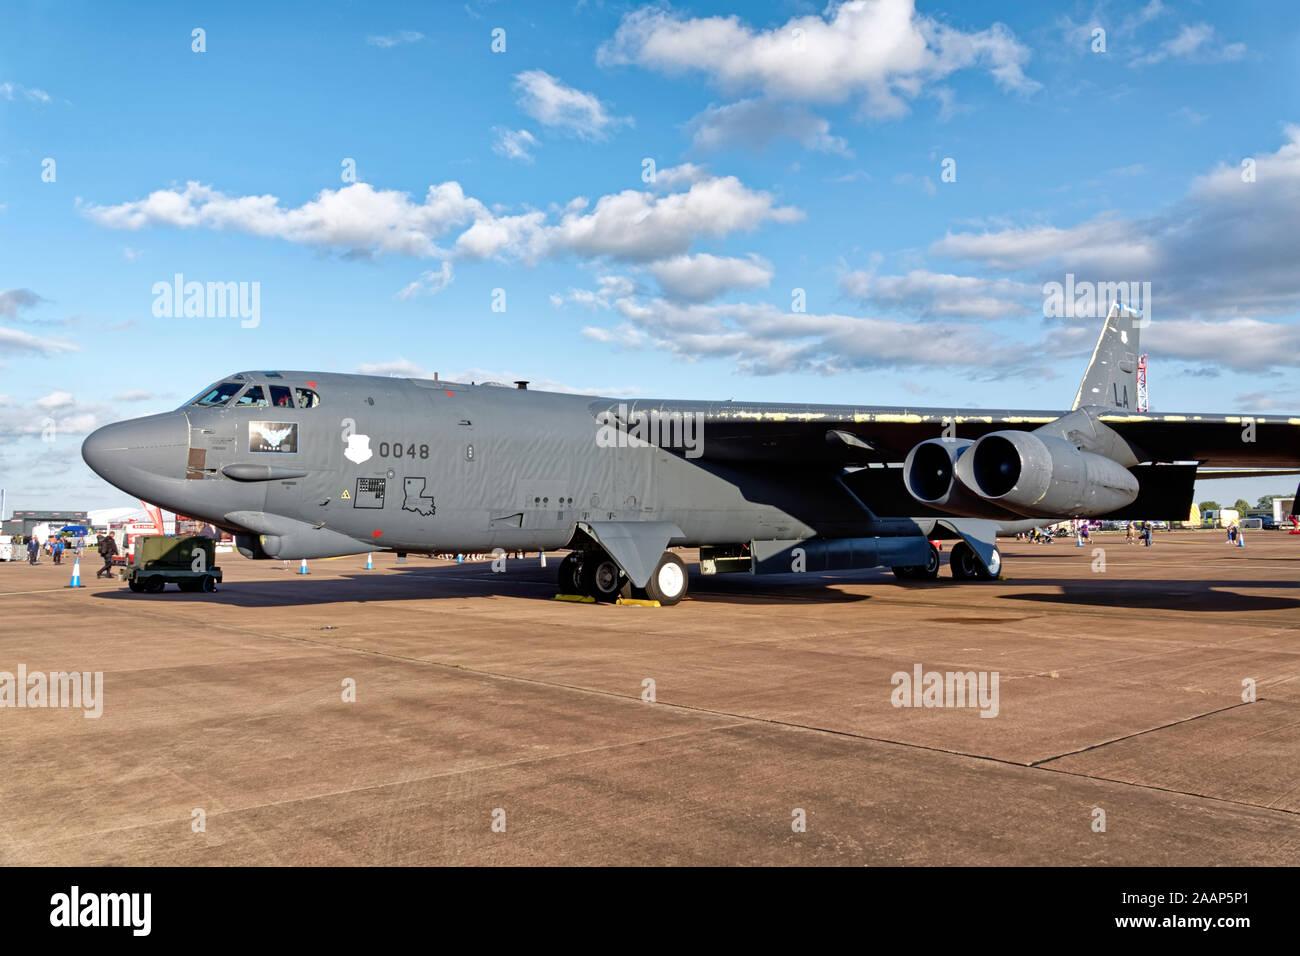 United States Air Force B-52H Stratofortress, 60-0048/LA,du 2e PC/20e BS, Base aérienne de Barksdale, en Louisiane Banque D'Images